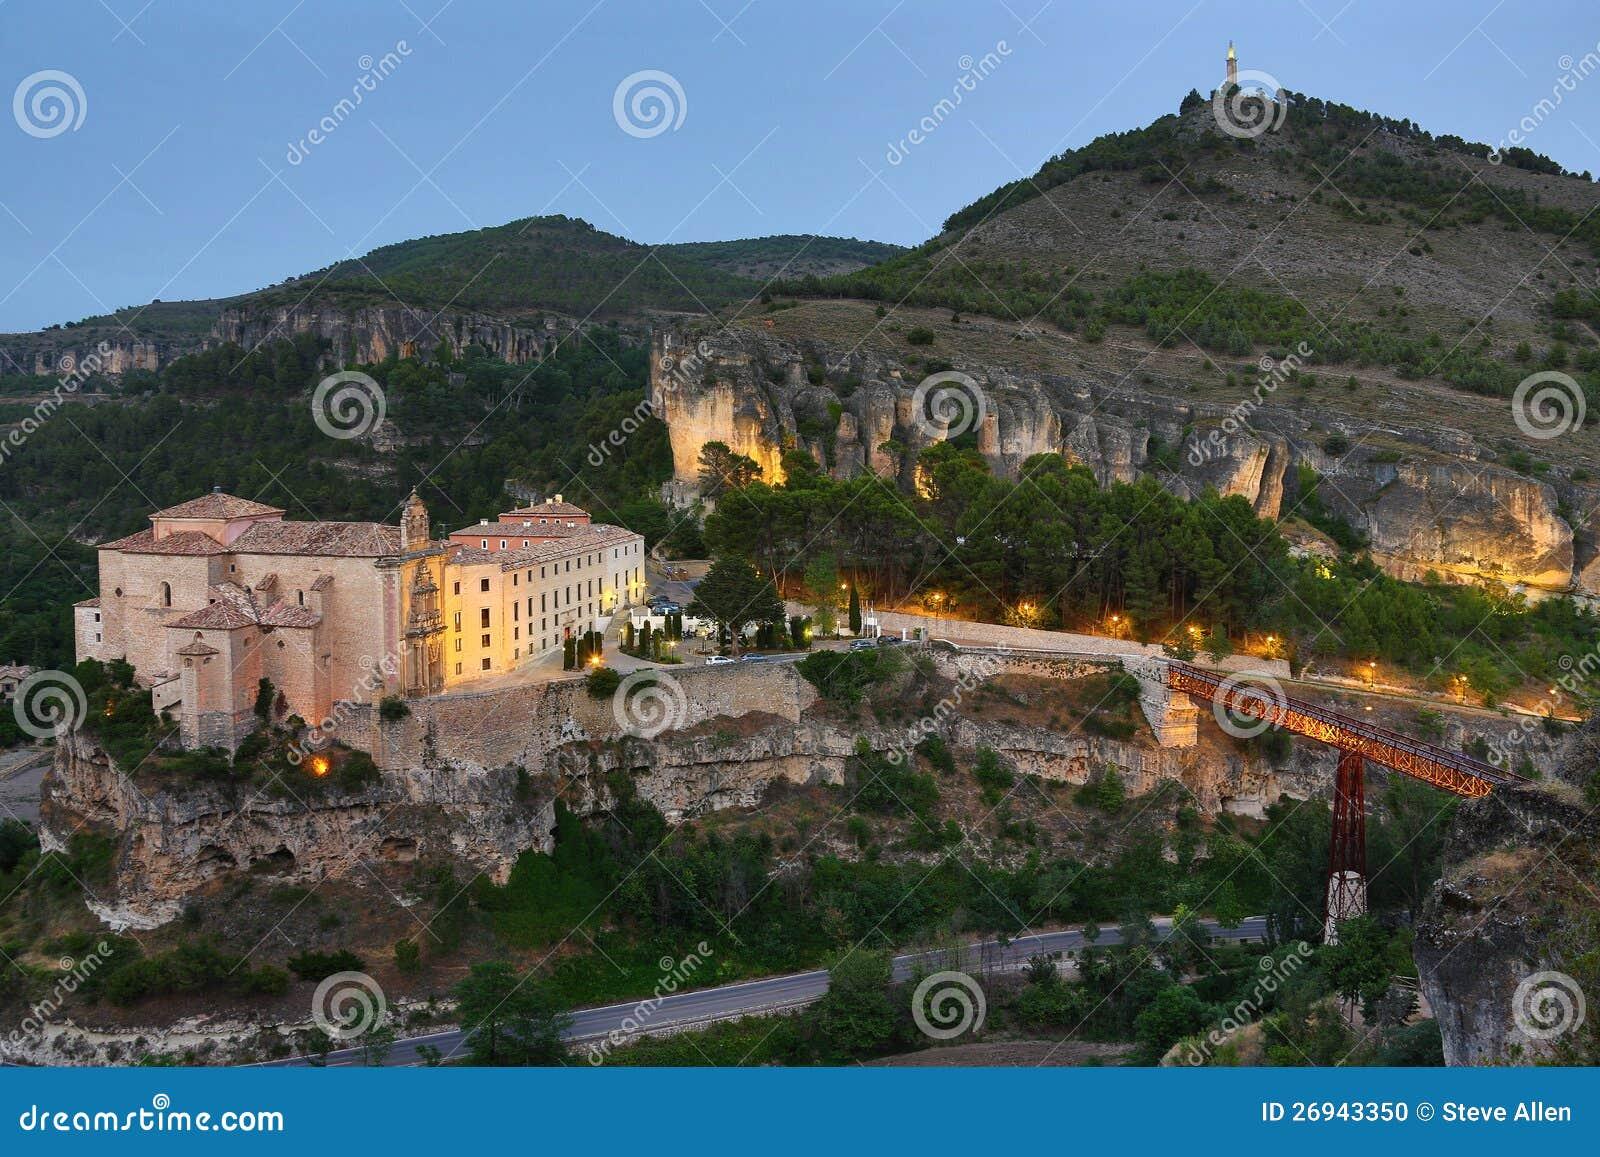 Monastery - Cuenca - Spain